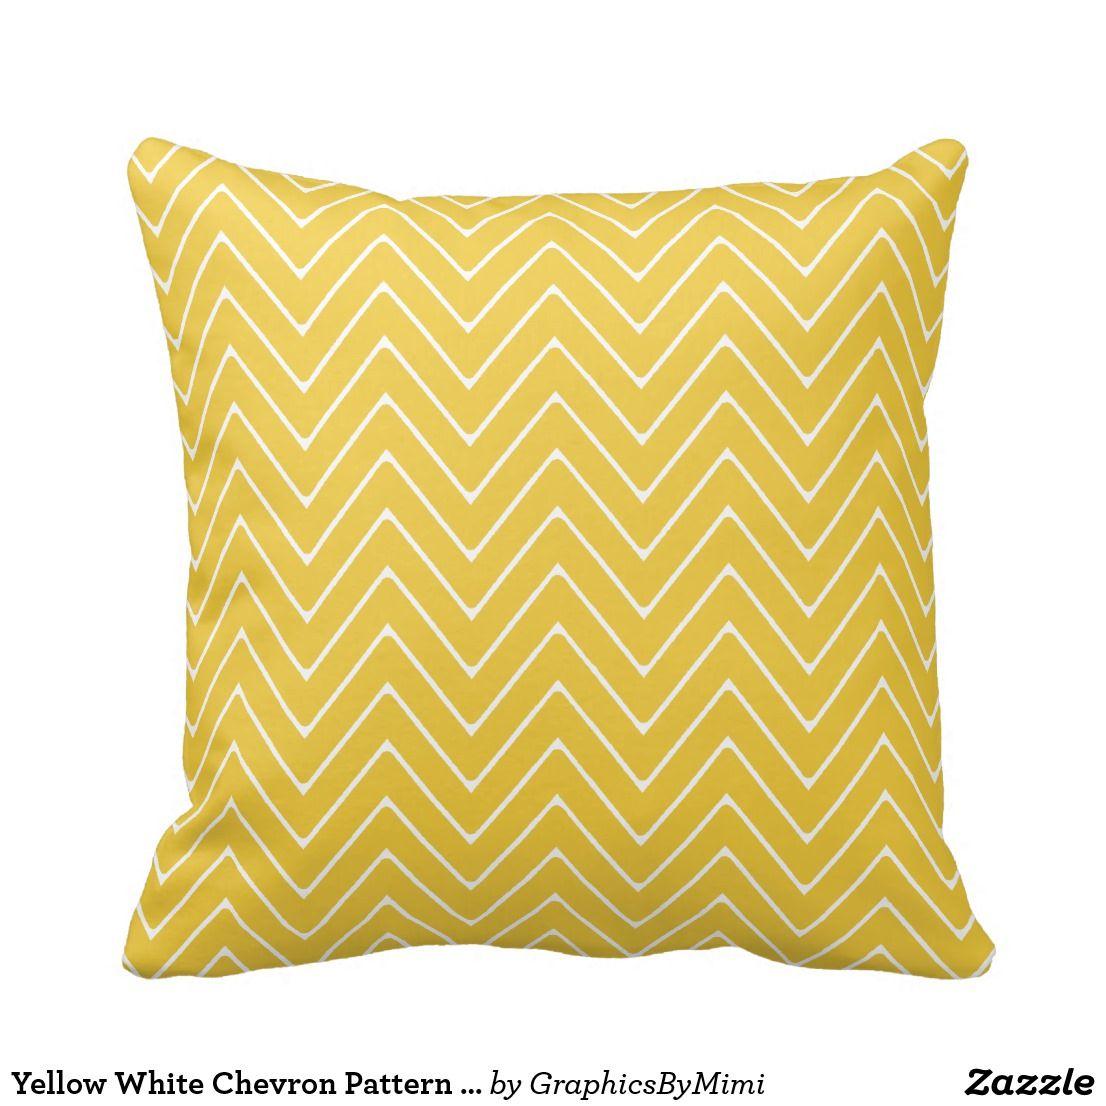 Yellow White Chevron Pattern 2a Throw Pillow Zazzle Com Throw Pillows Pillows Yellow Pillows